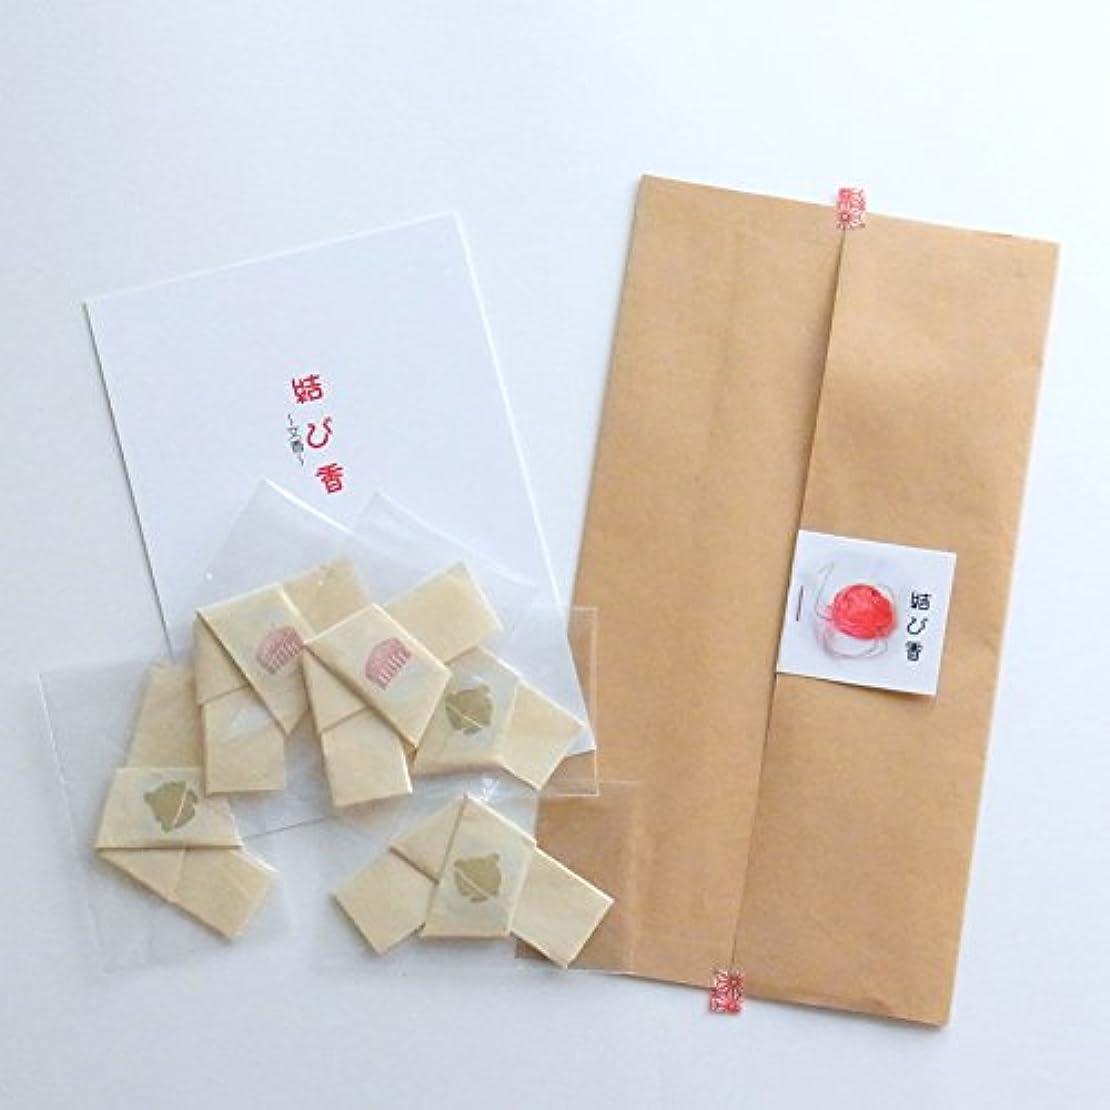 ミット他に震える手紙に添えたり、バッグにしのばせてご縁を結ぶ【結び香】